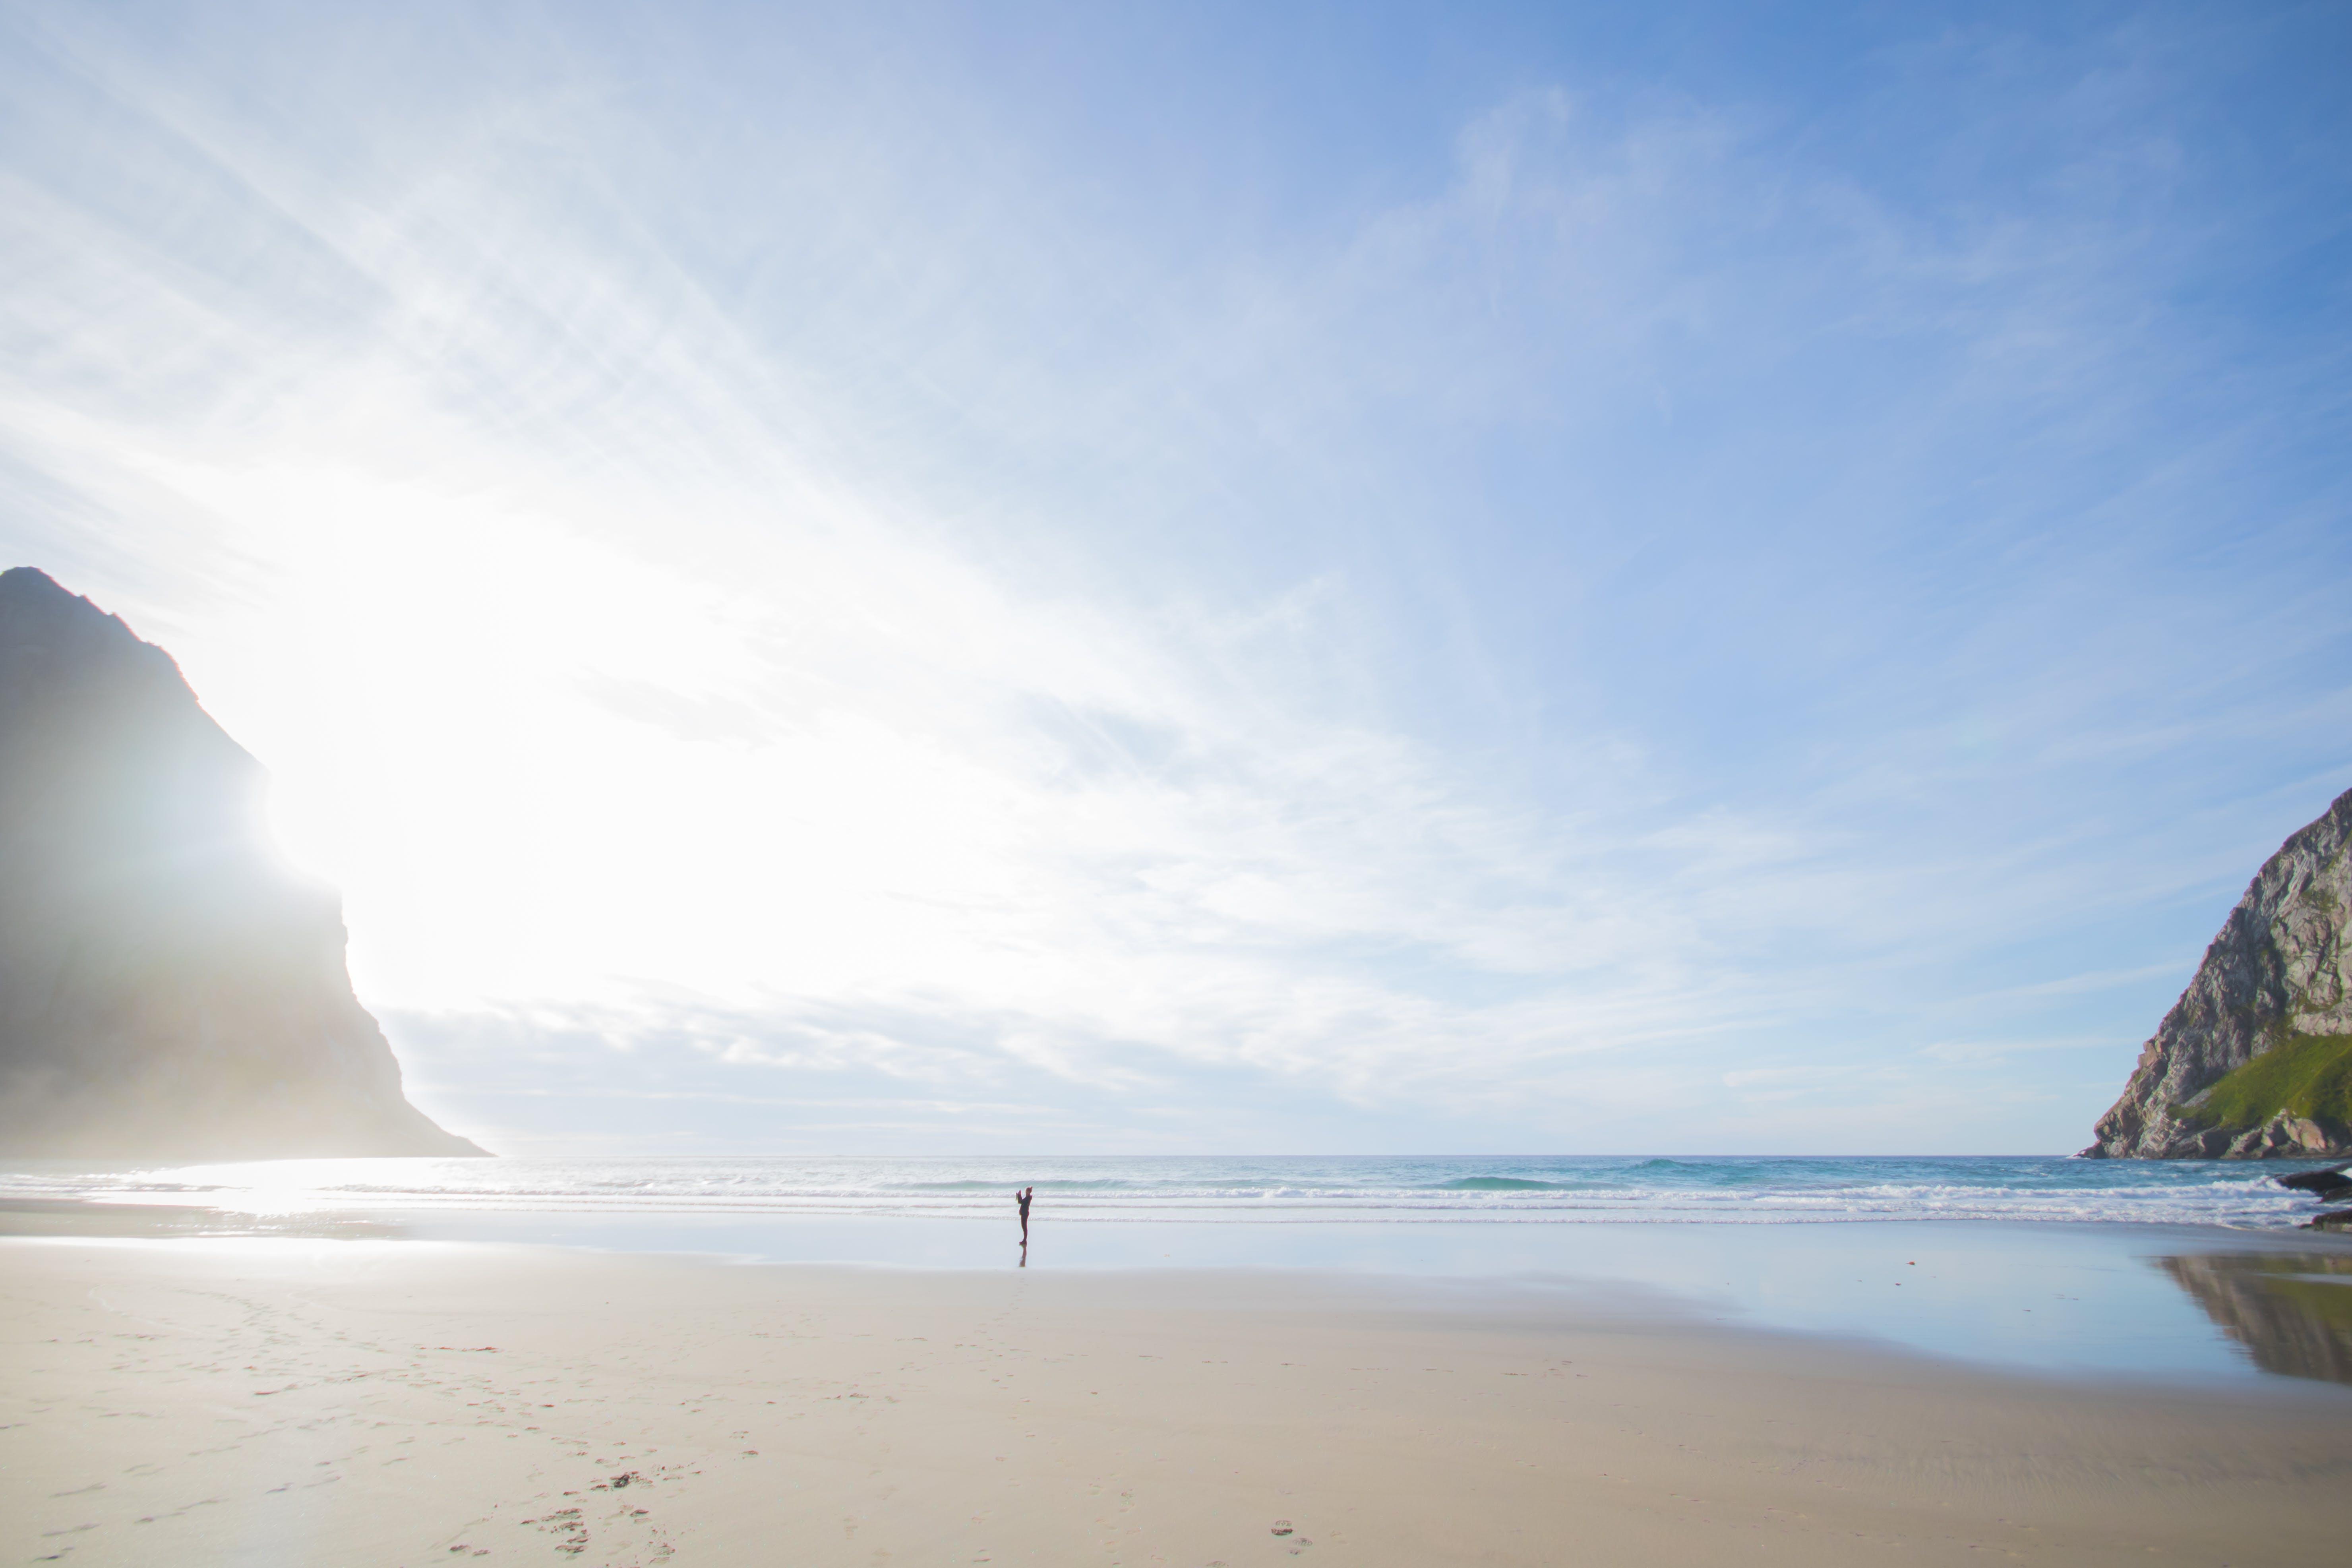 Δωρεάν στοκ φωτογραφιών με ακτή, ακτογραμμή, άμμος, βουνά